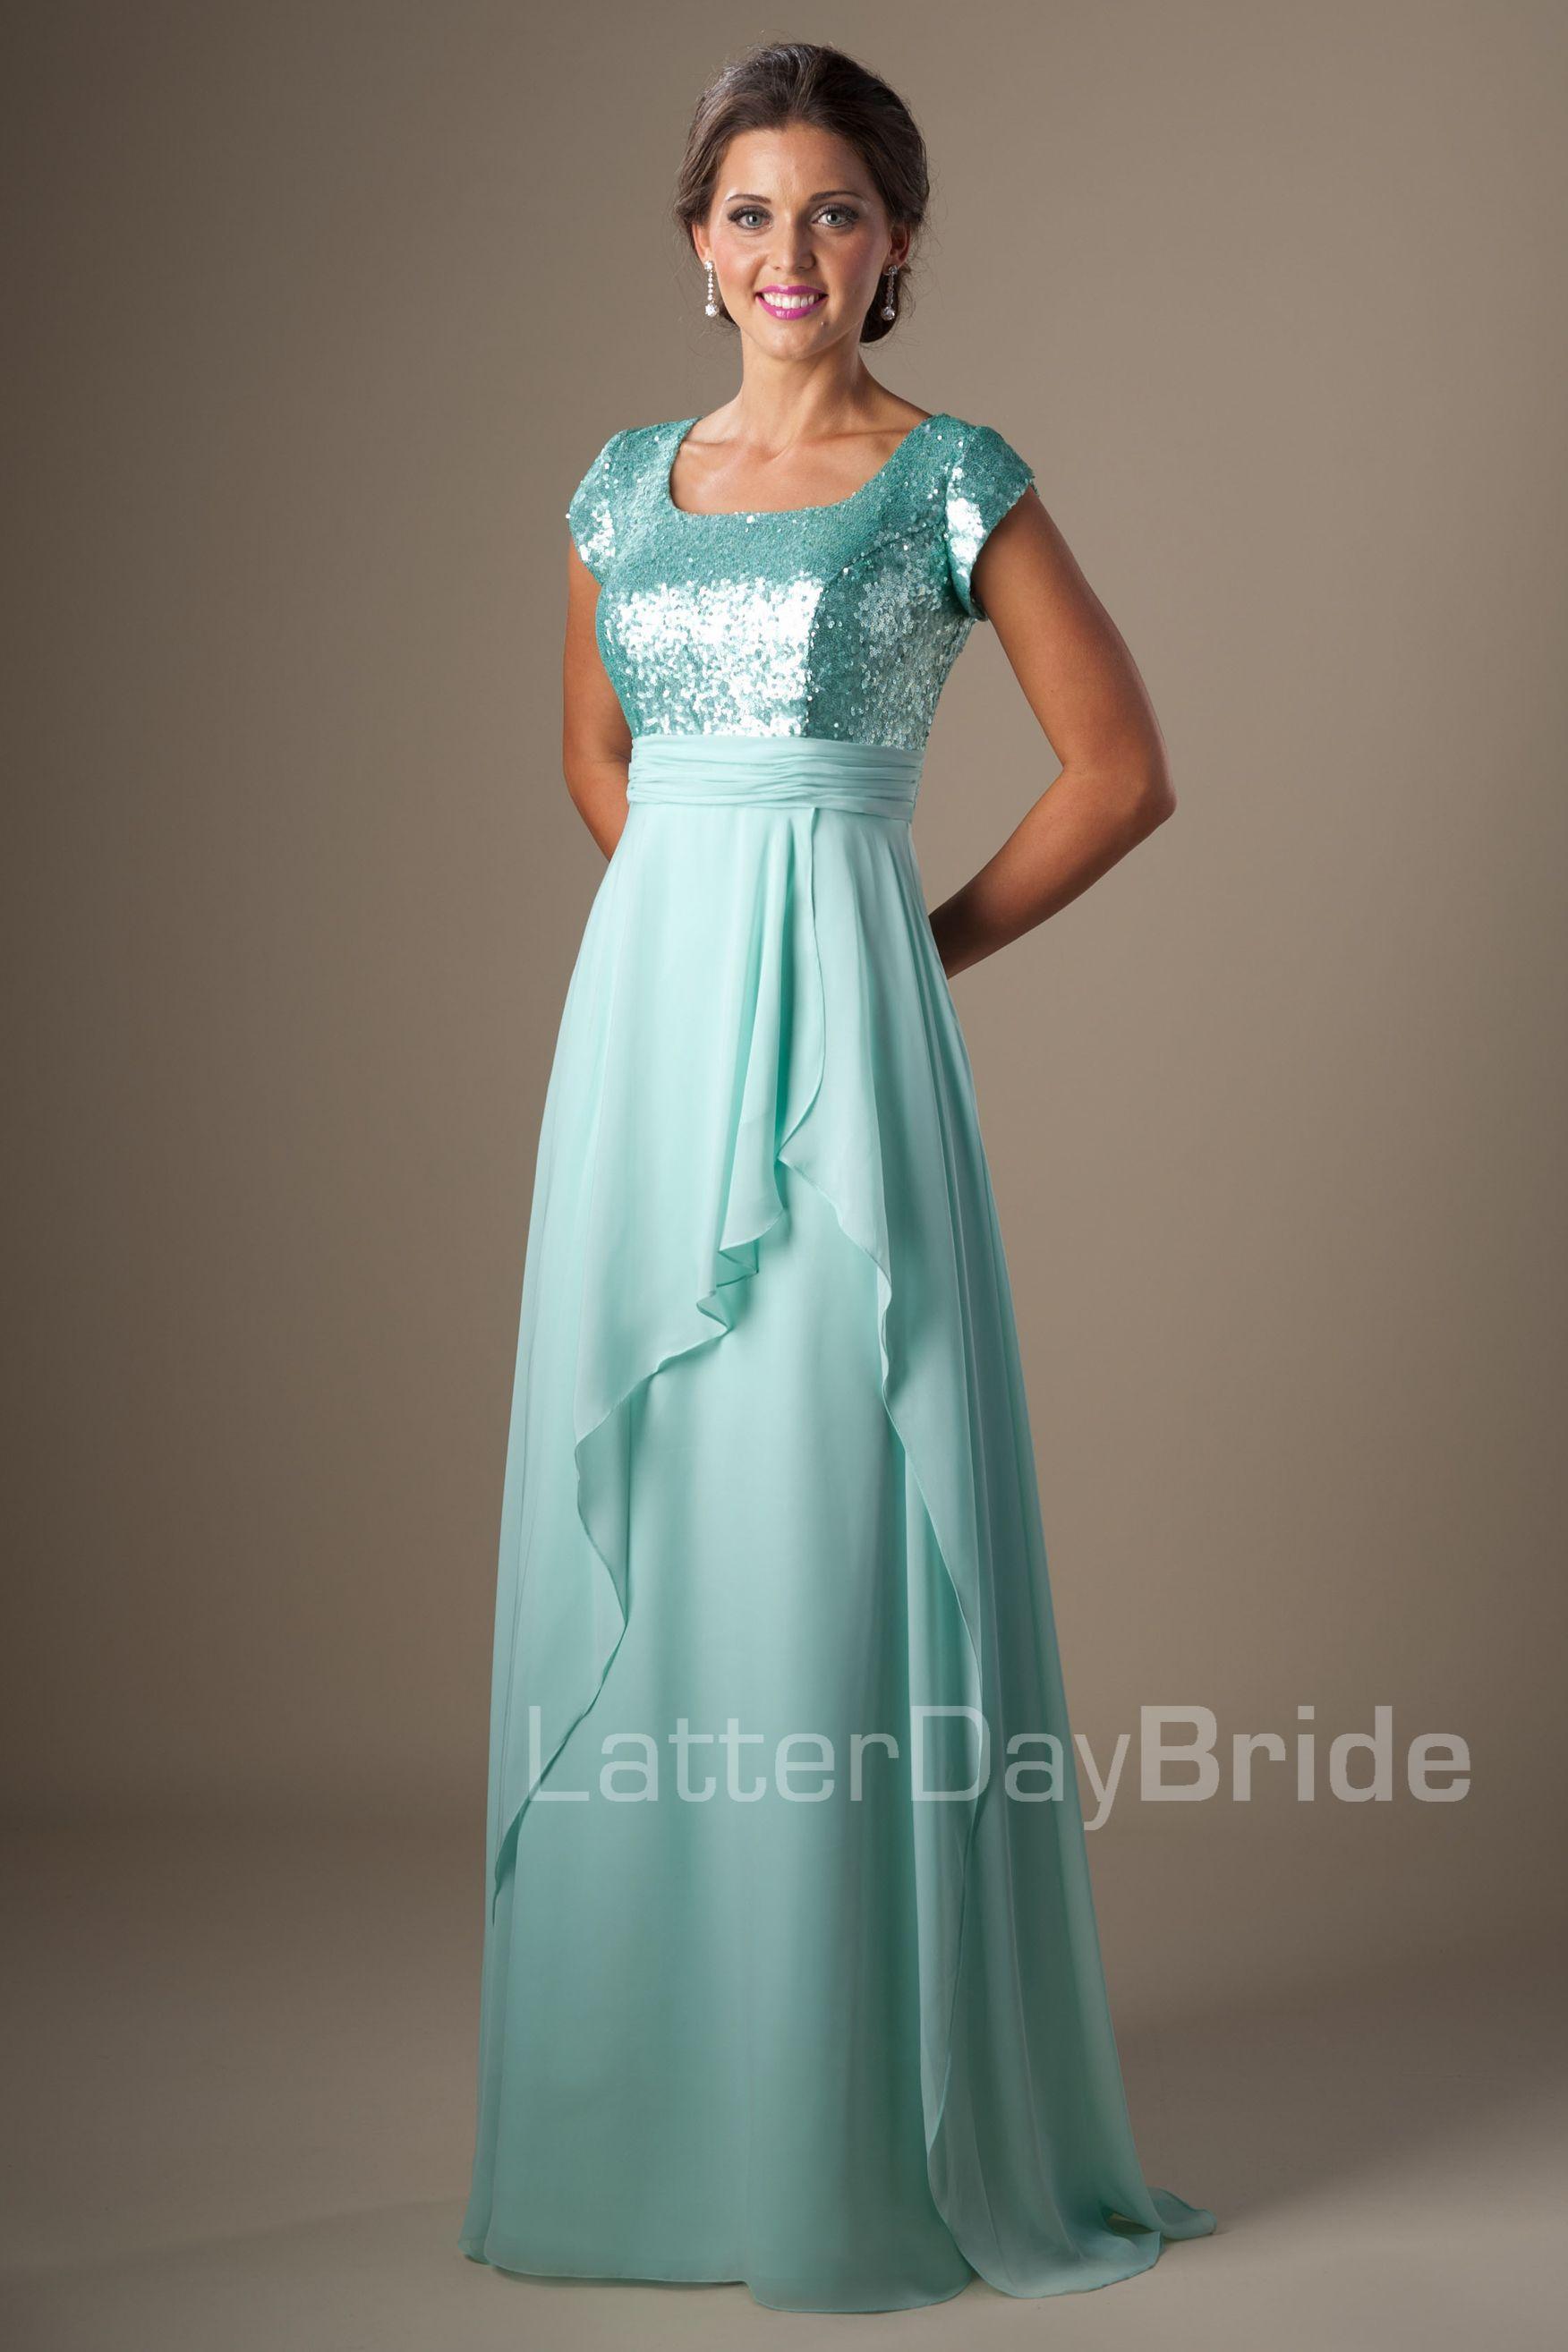 Pin de Mayra Bautista Lozano en To dress modestly----Vestir con ...